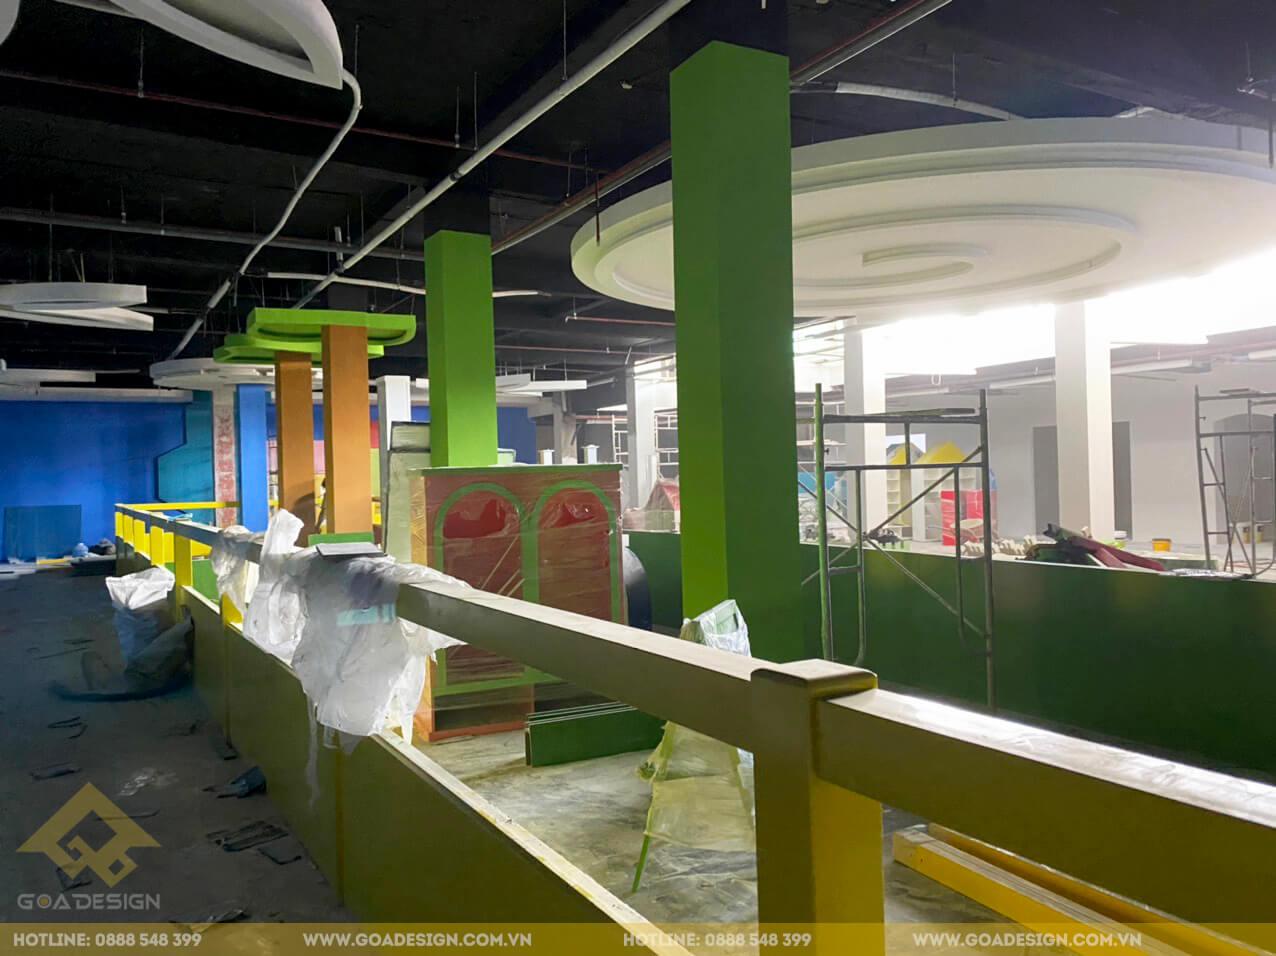 GOADESIGN-Thiết kế thi công khu vui chơi trẻ em (13)